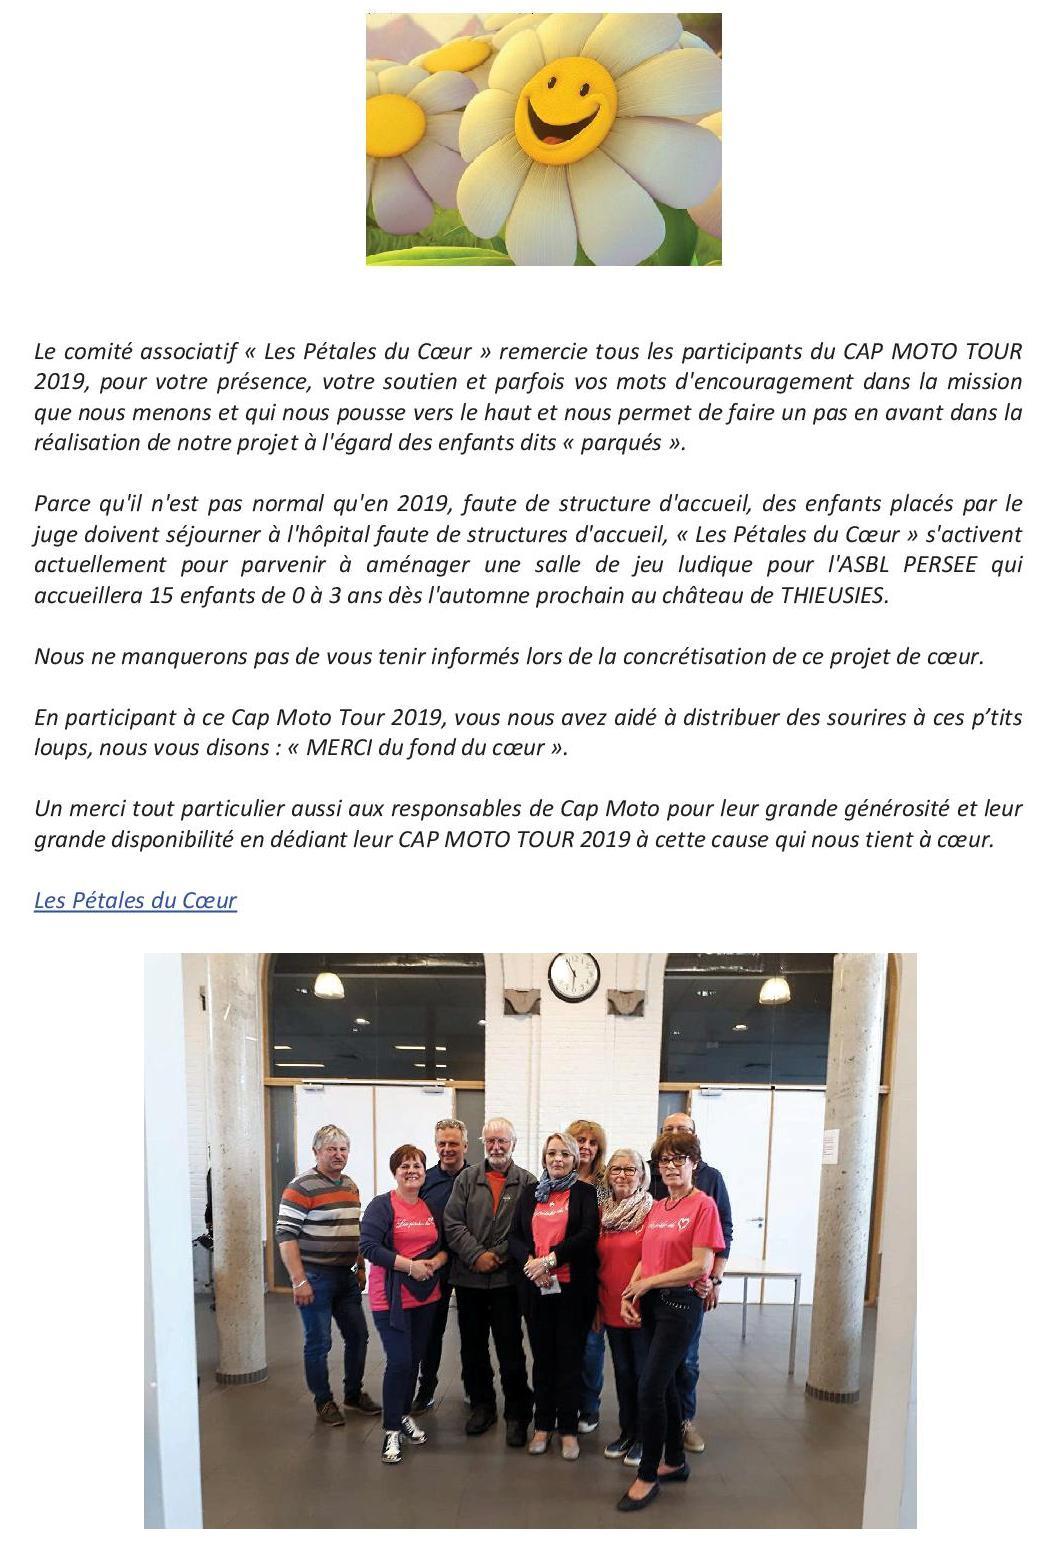 Le Cap Moto Tour 2019 by Cap Moto (remerciements les Pétales du Coeur)